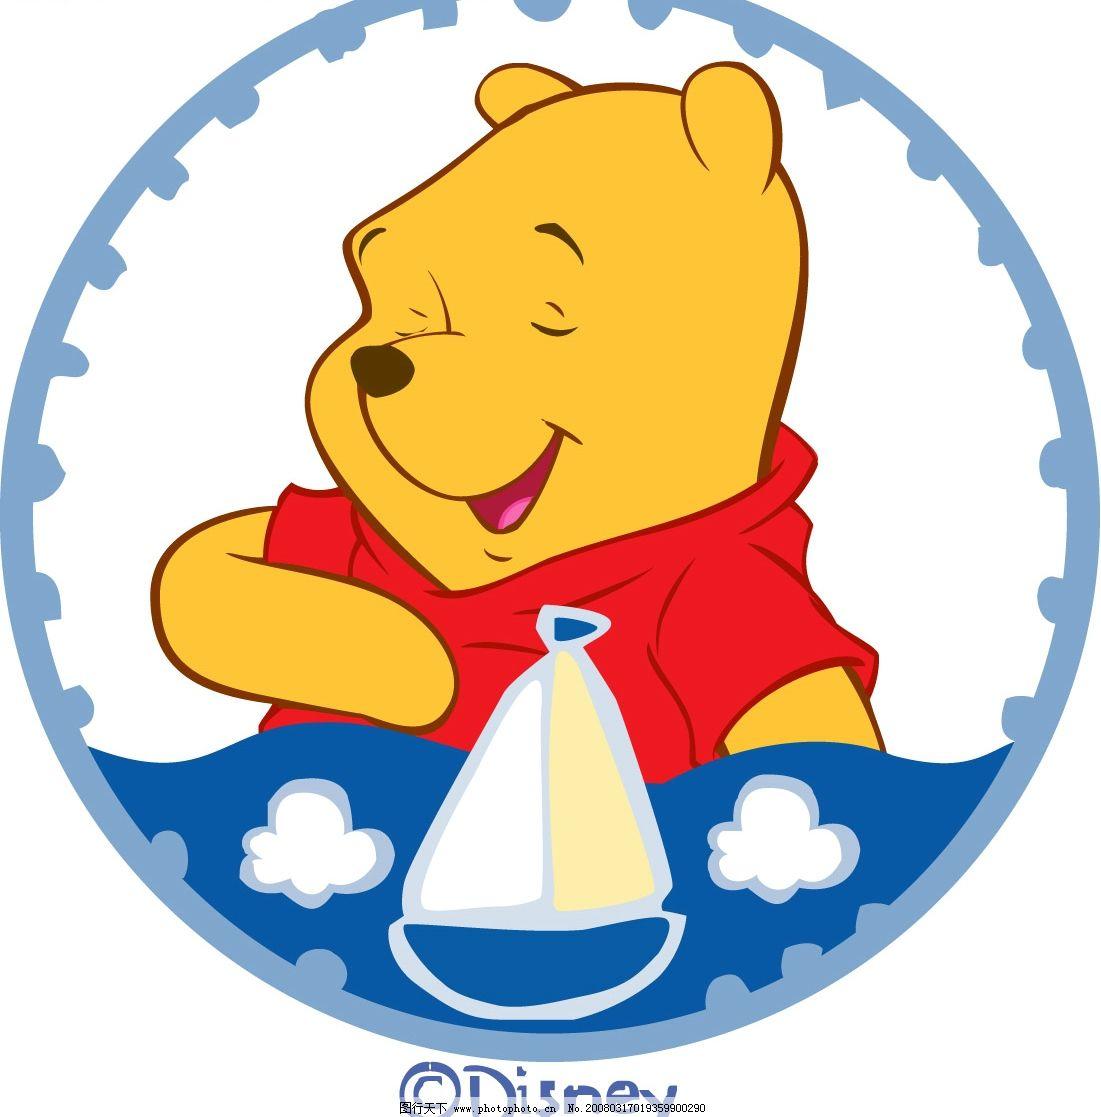 维尼熊系列3 维尼熊和朋友 动画 卡通 可爱造型 迪士尼 矢量